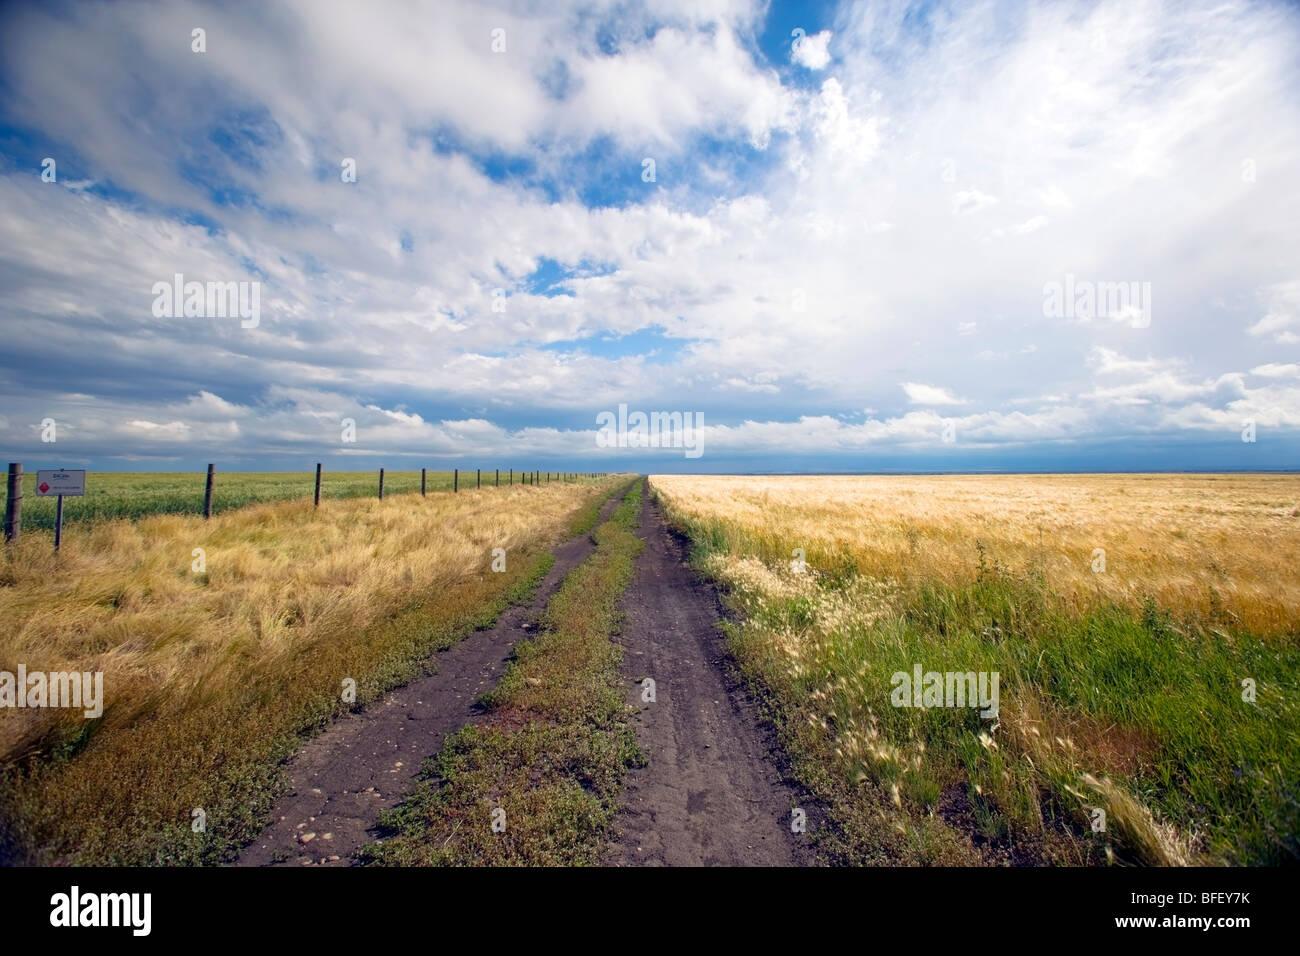 Storm breaking up plus de Ridge Road 221, l'Alberta, au Canada, les céréales, l'agriculture, la Photo Stock